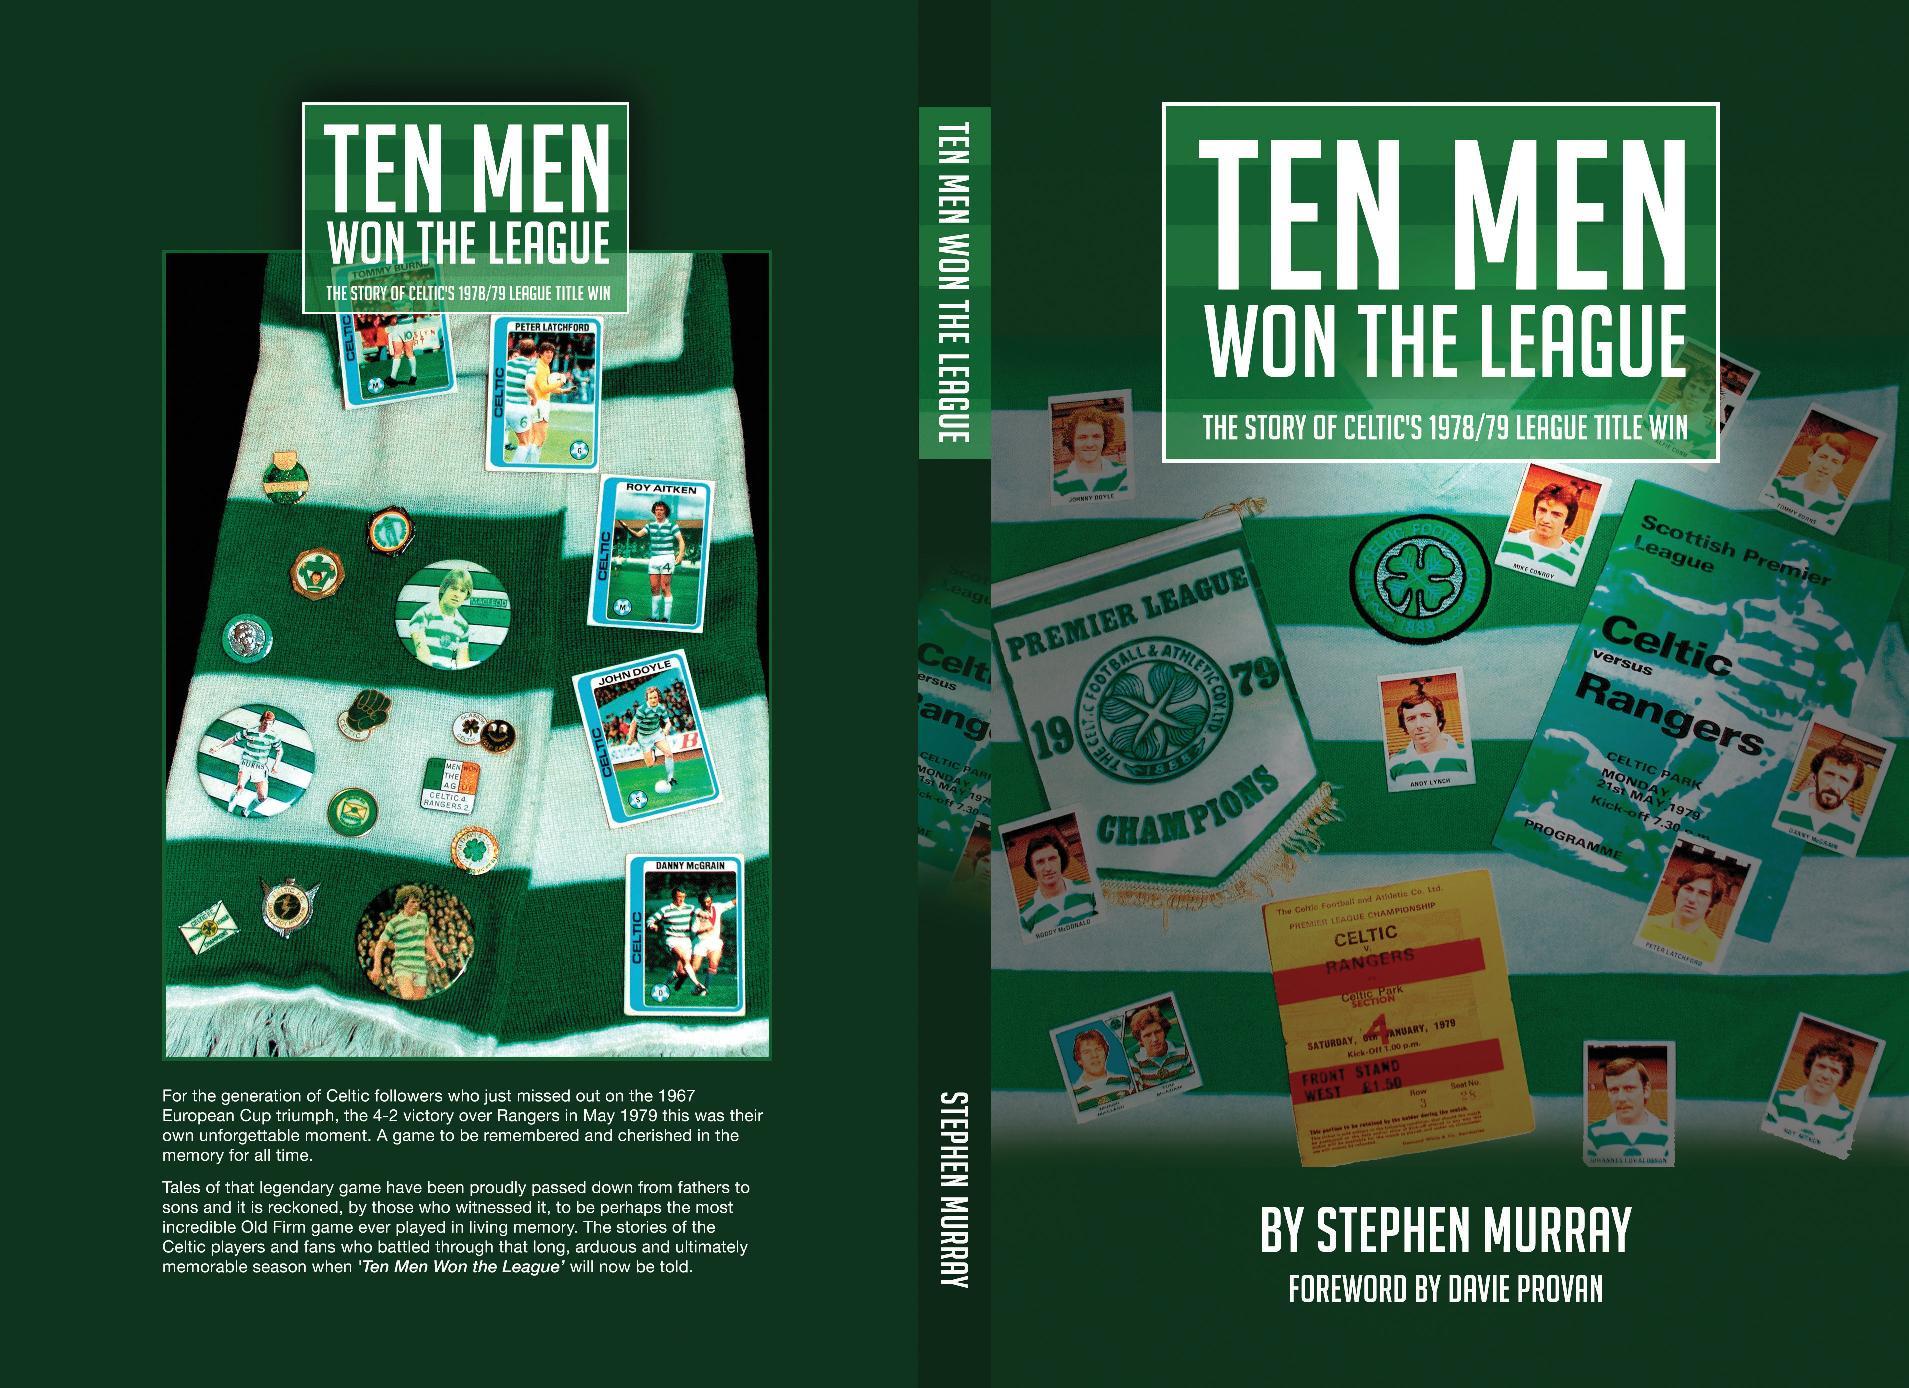 Ten Men Won The League book now launched